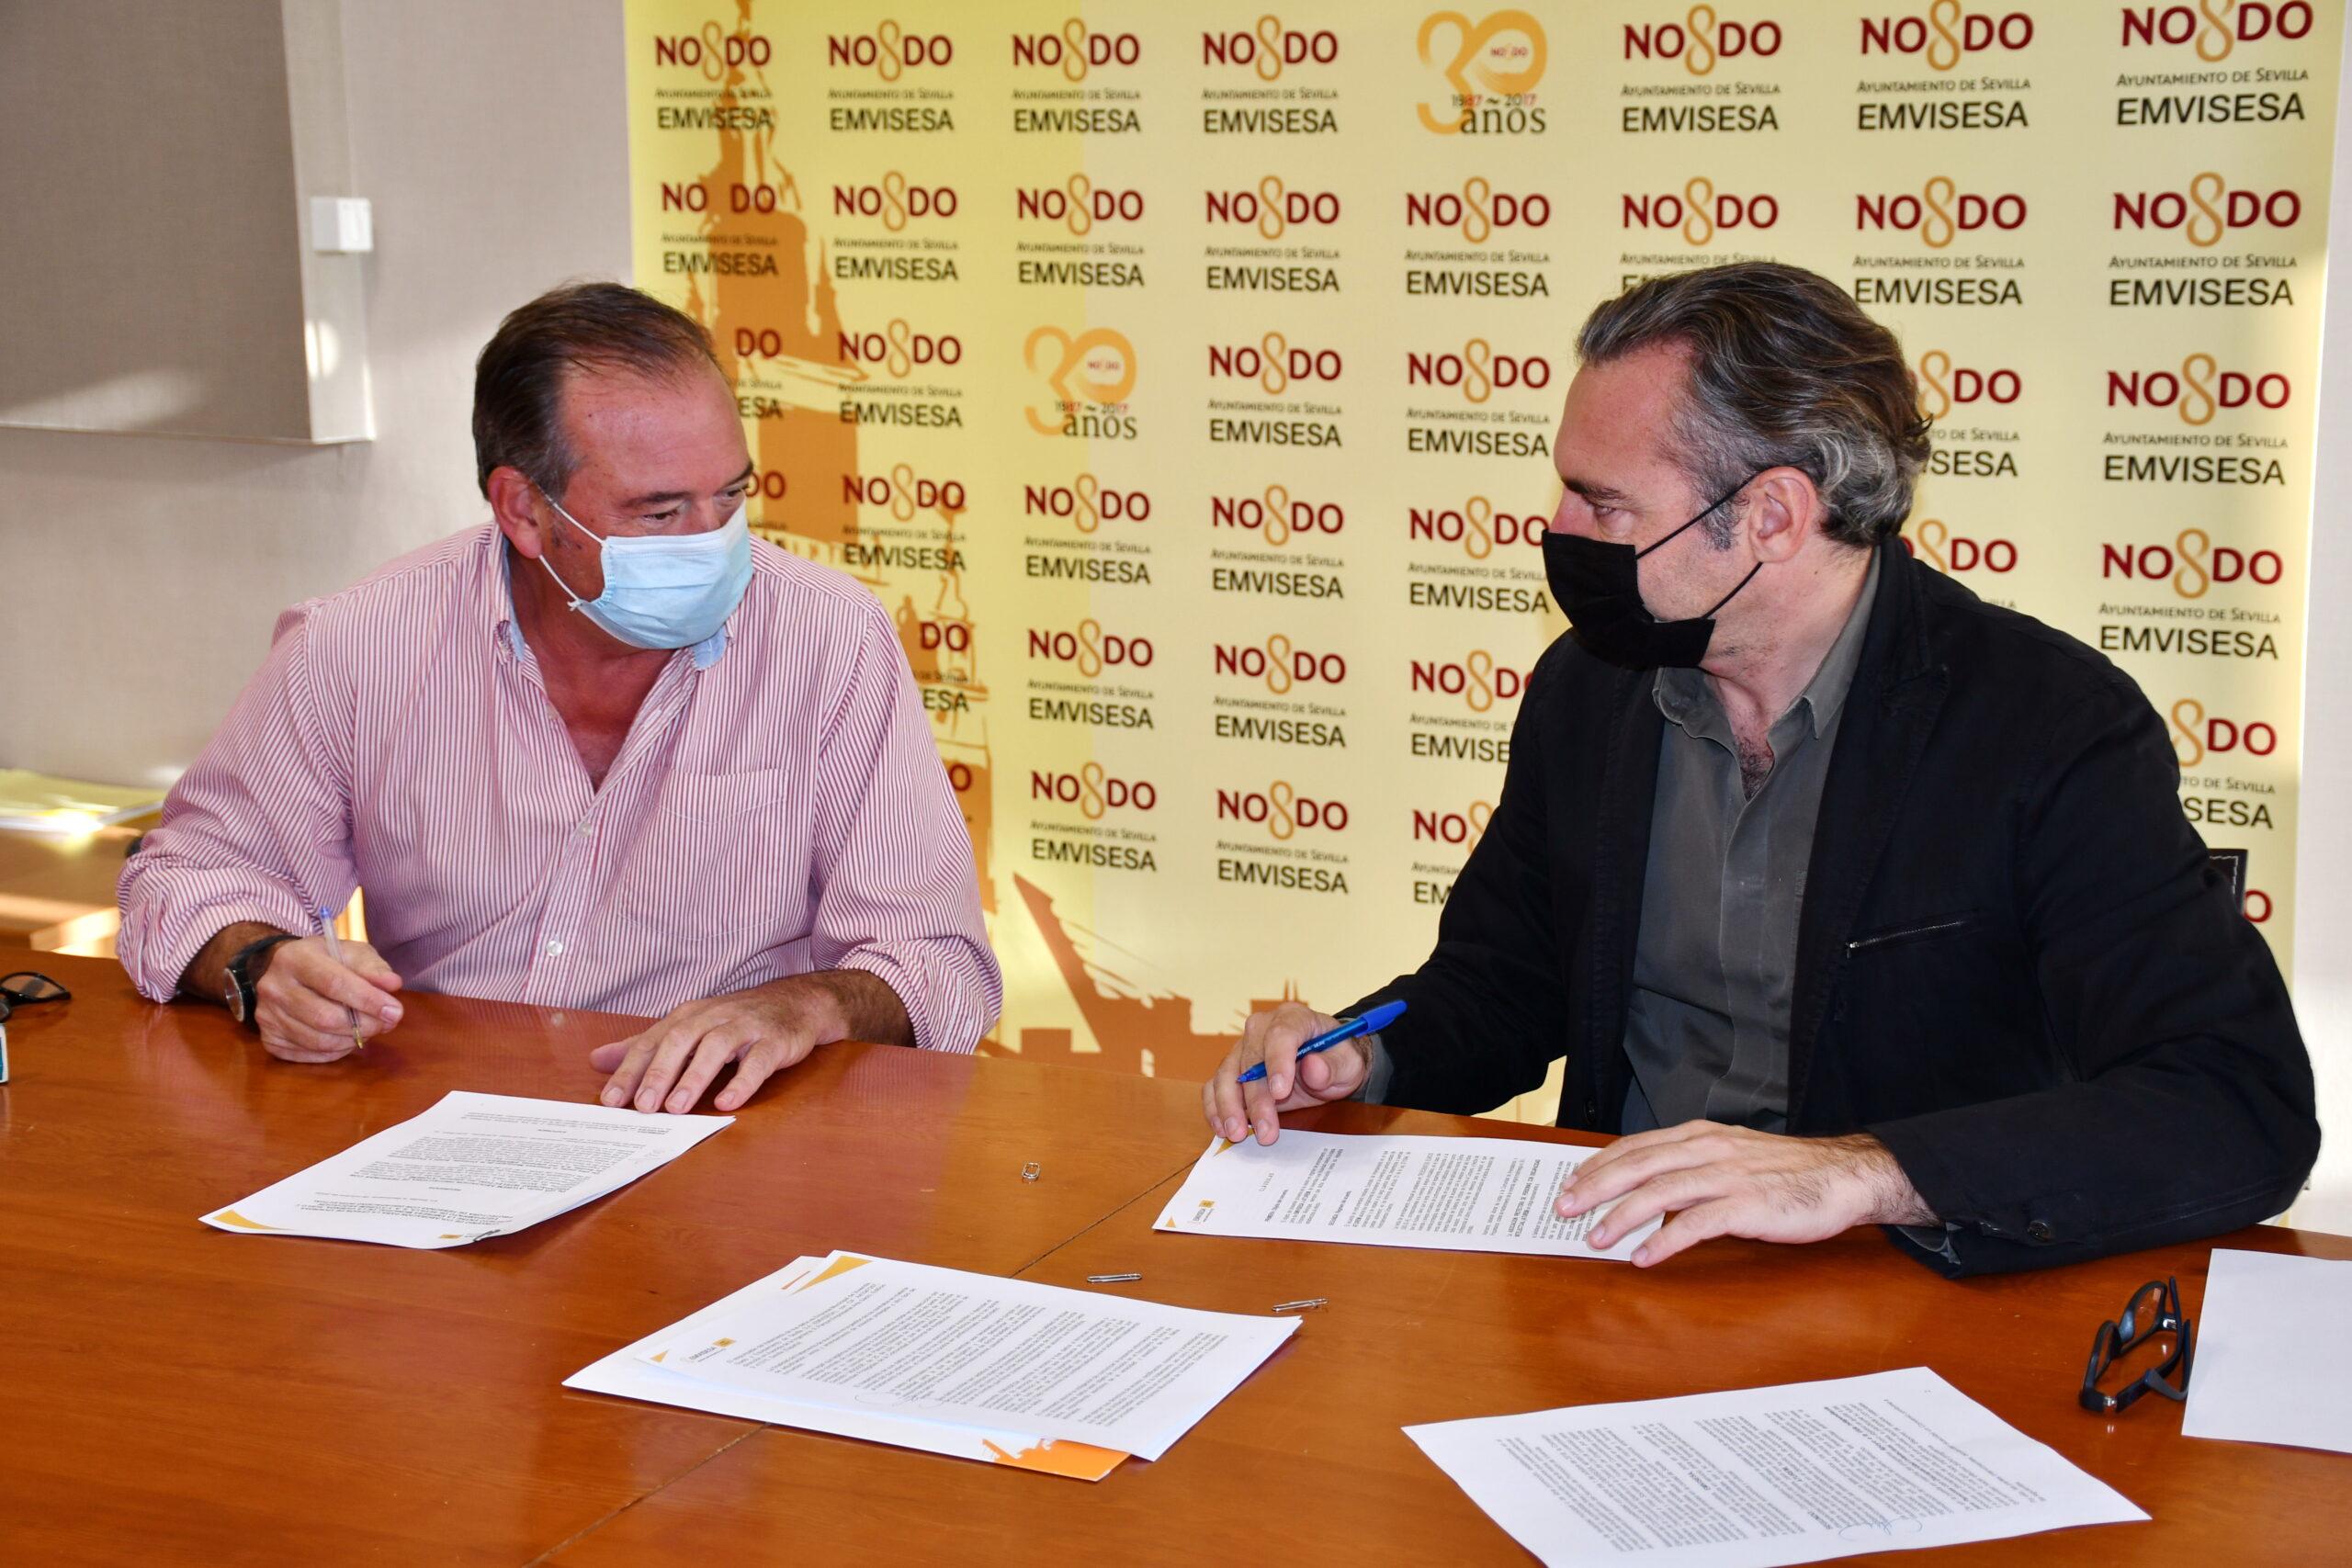 El Ayuntamiento suscribe un convenio con Aturem que permite la cesión de viviendas de Emvisesa para el desarrollo de programas de inclusión social de personas con discapacidad intelectual